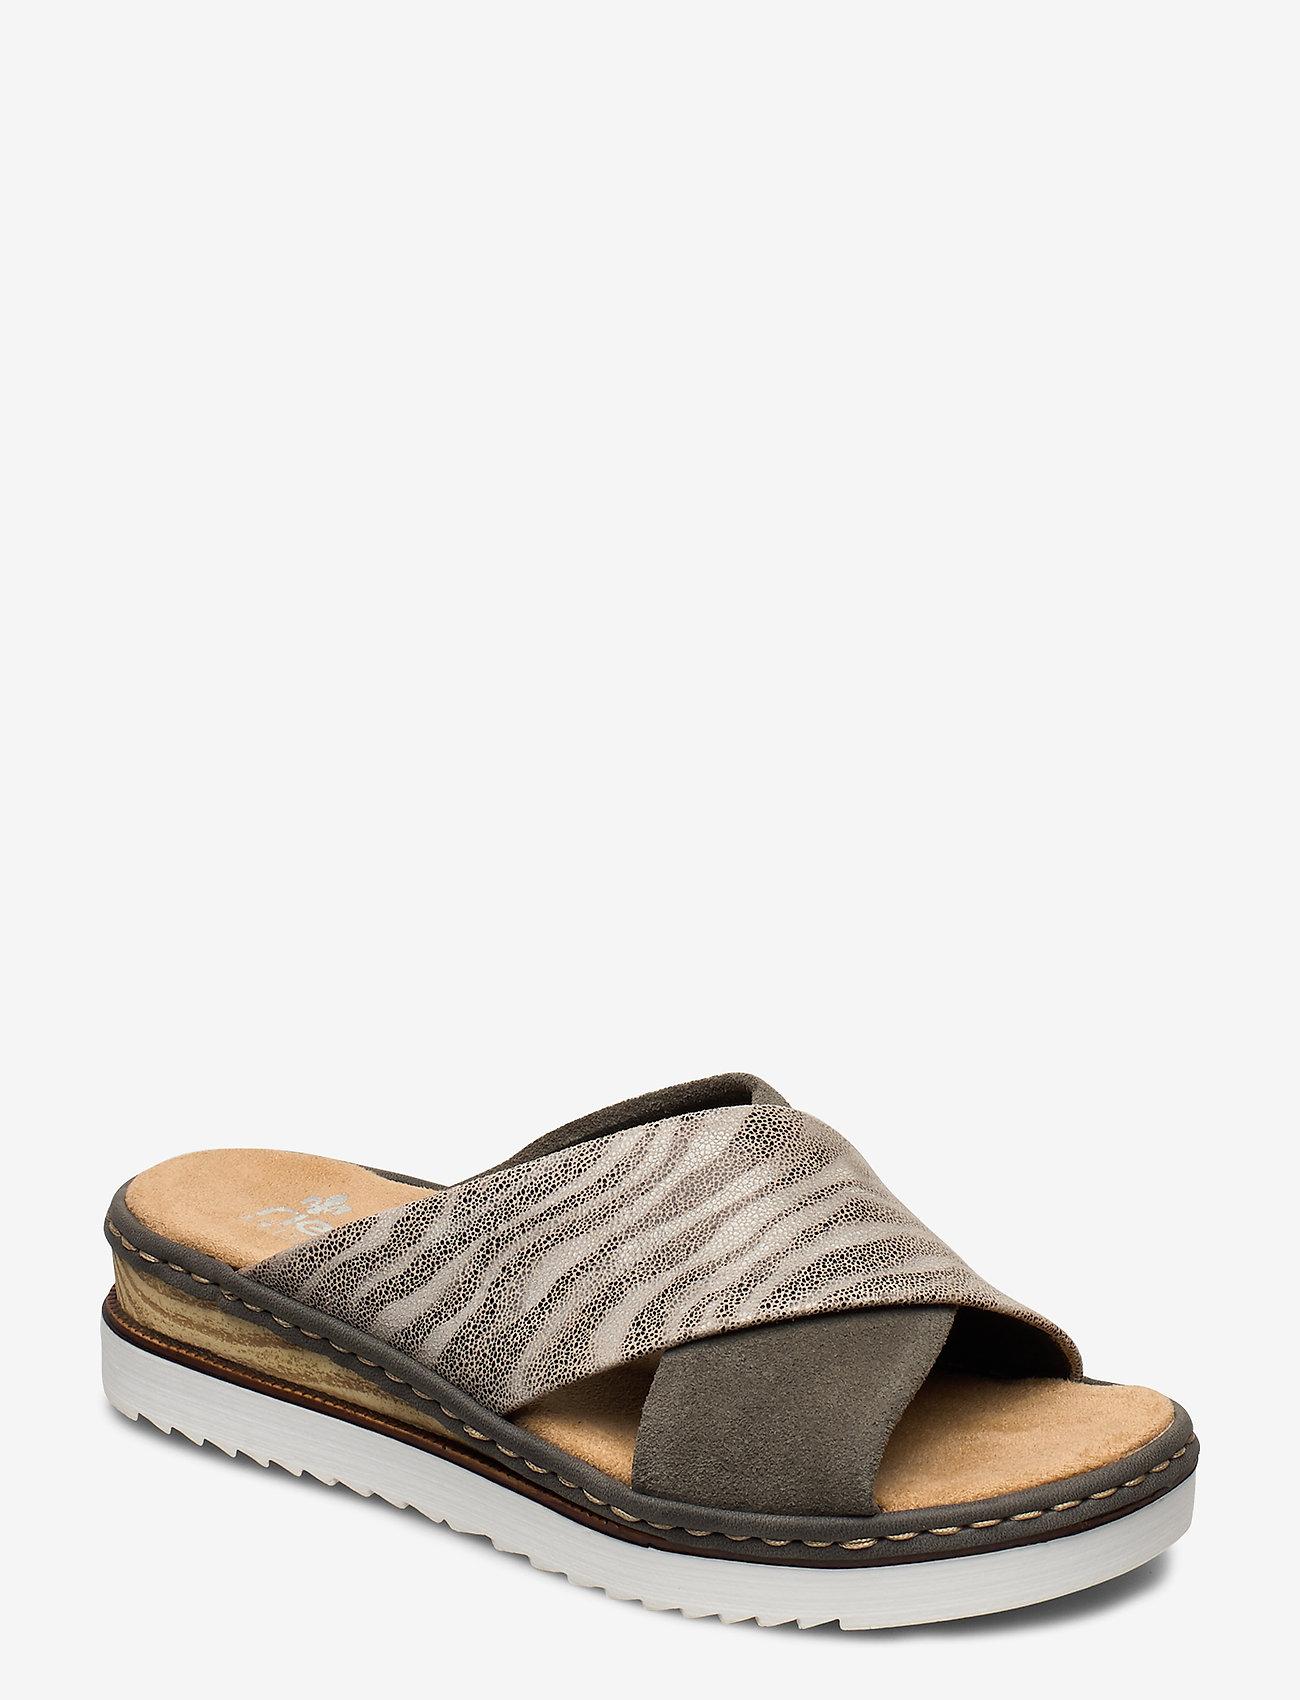 Rieker - 67994-54 - flat sandals - green combination